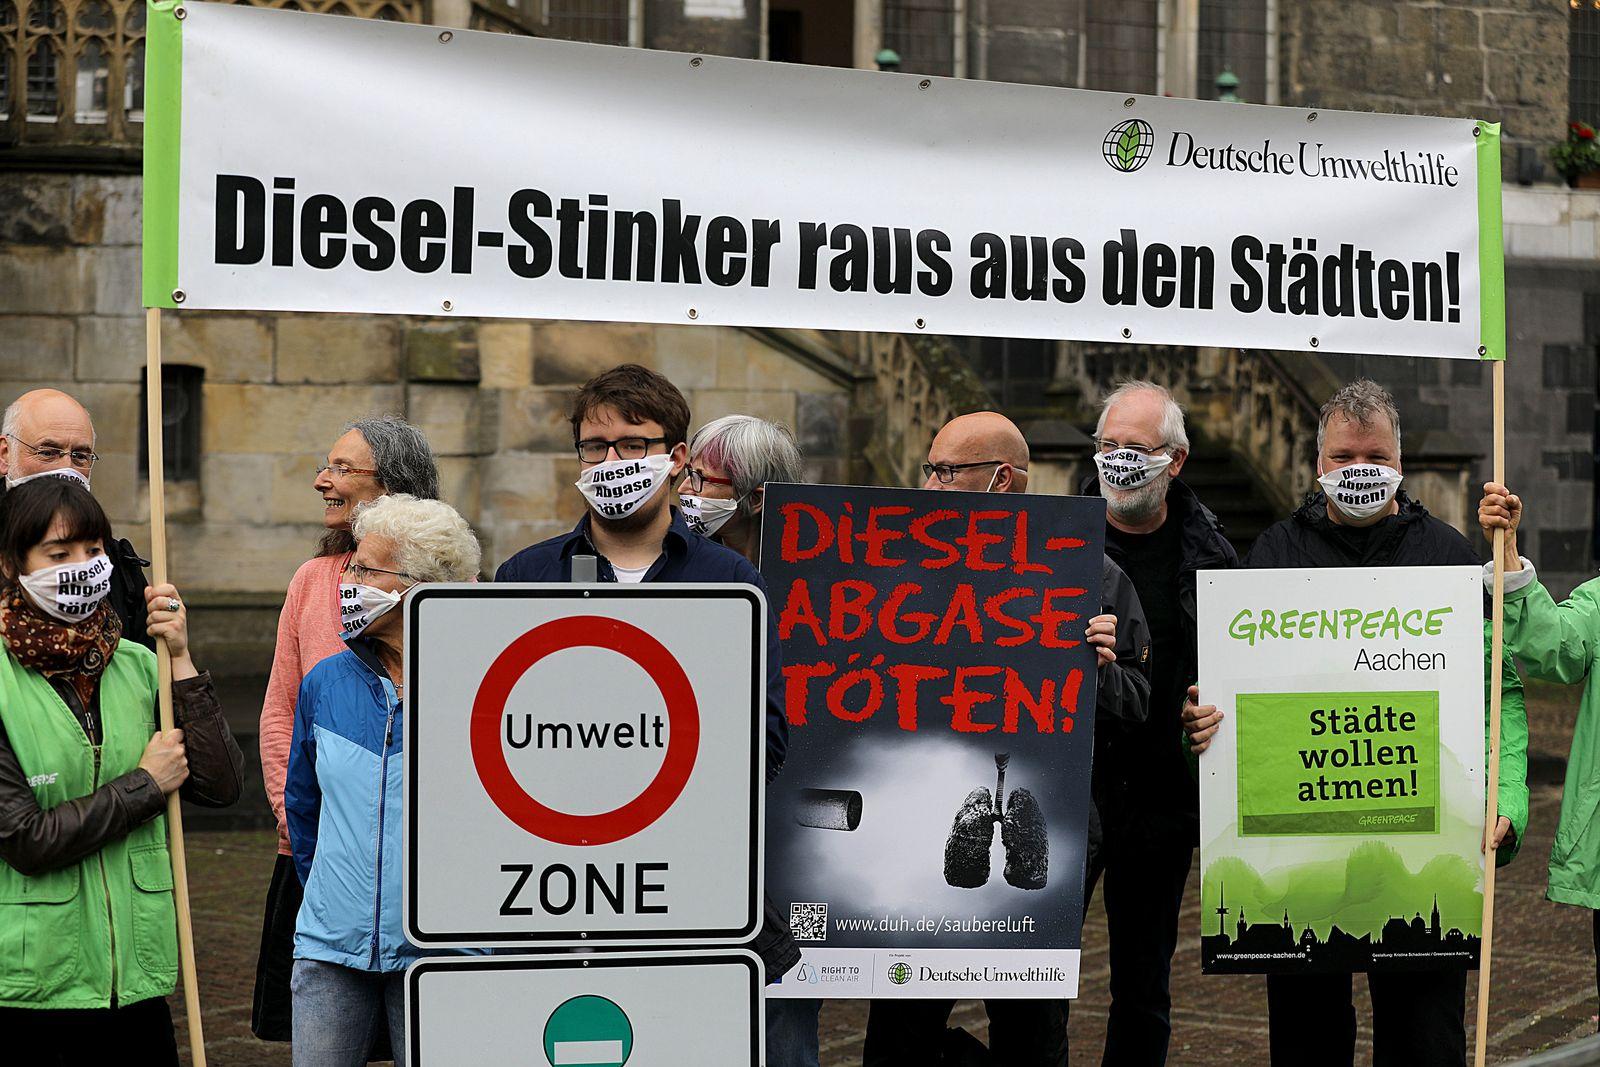 Umwelthilfe klagt für Dieselfahrverbot in Aachen